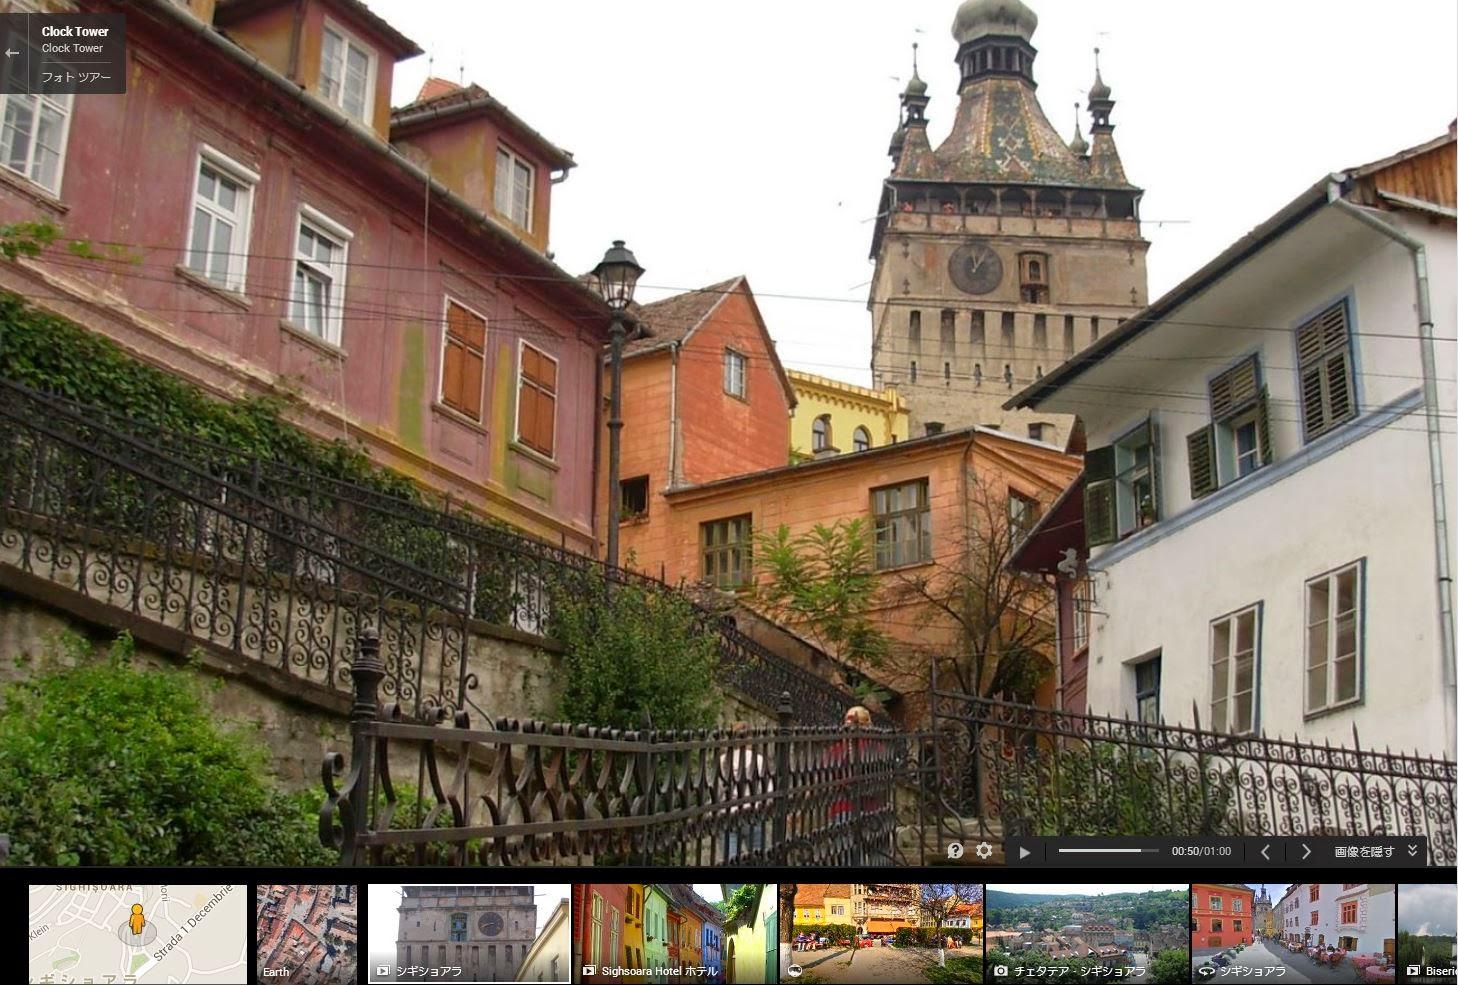 名所・史跡を訪ねて: ルーマニア...